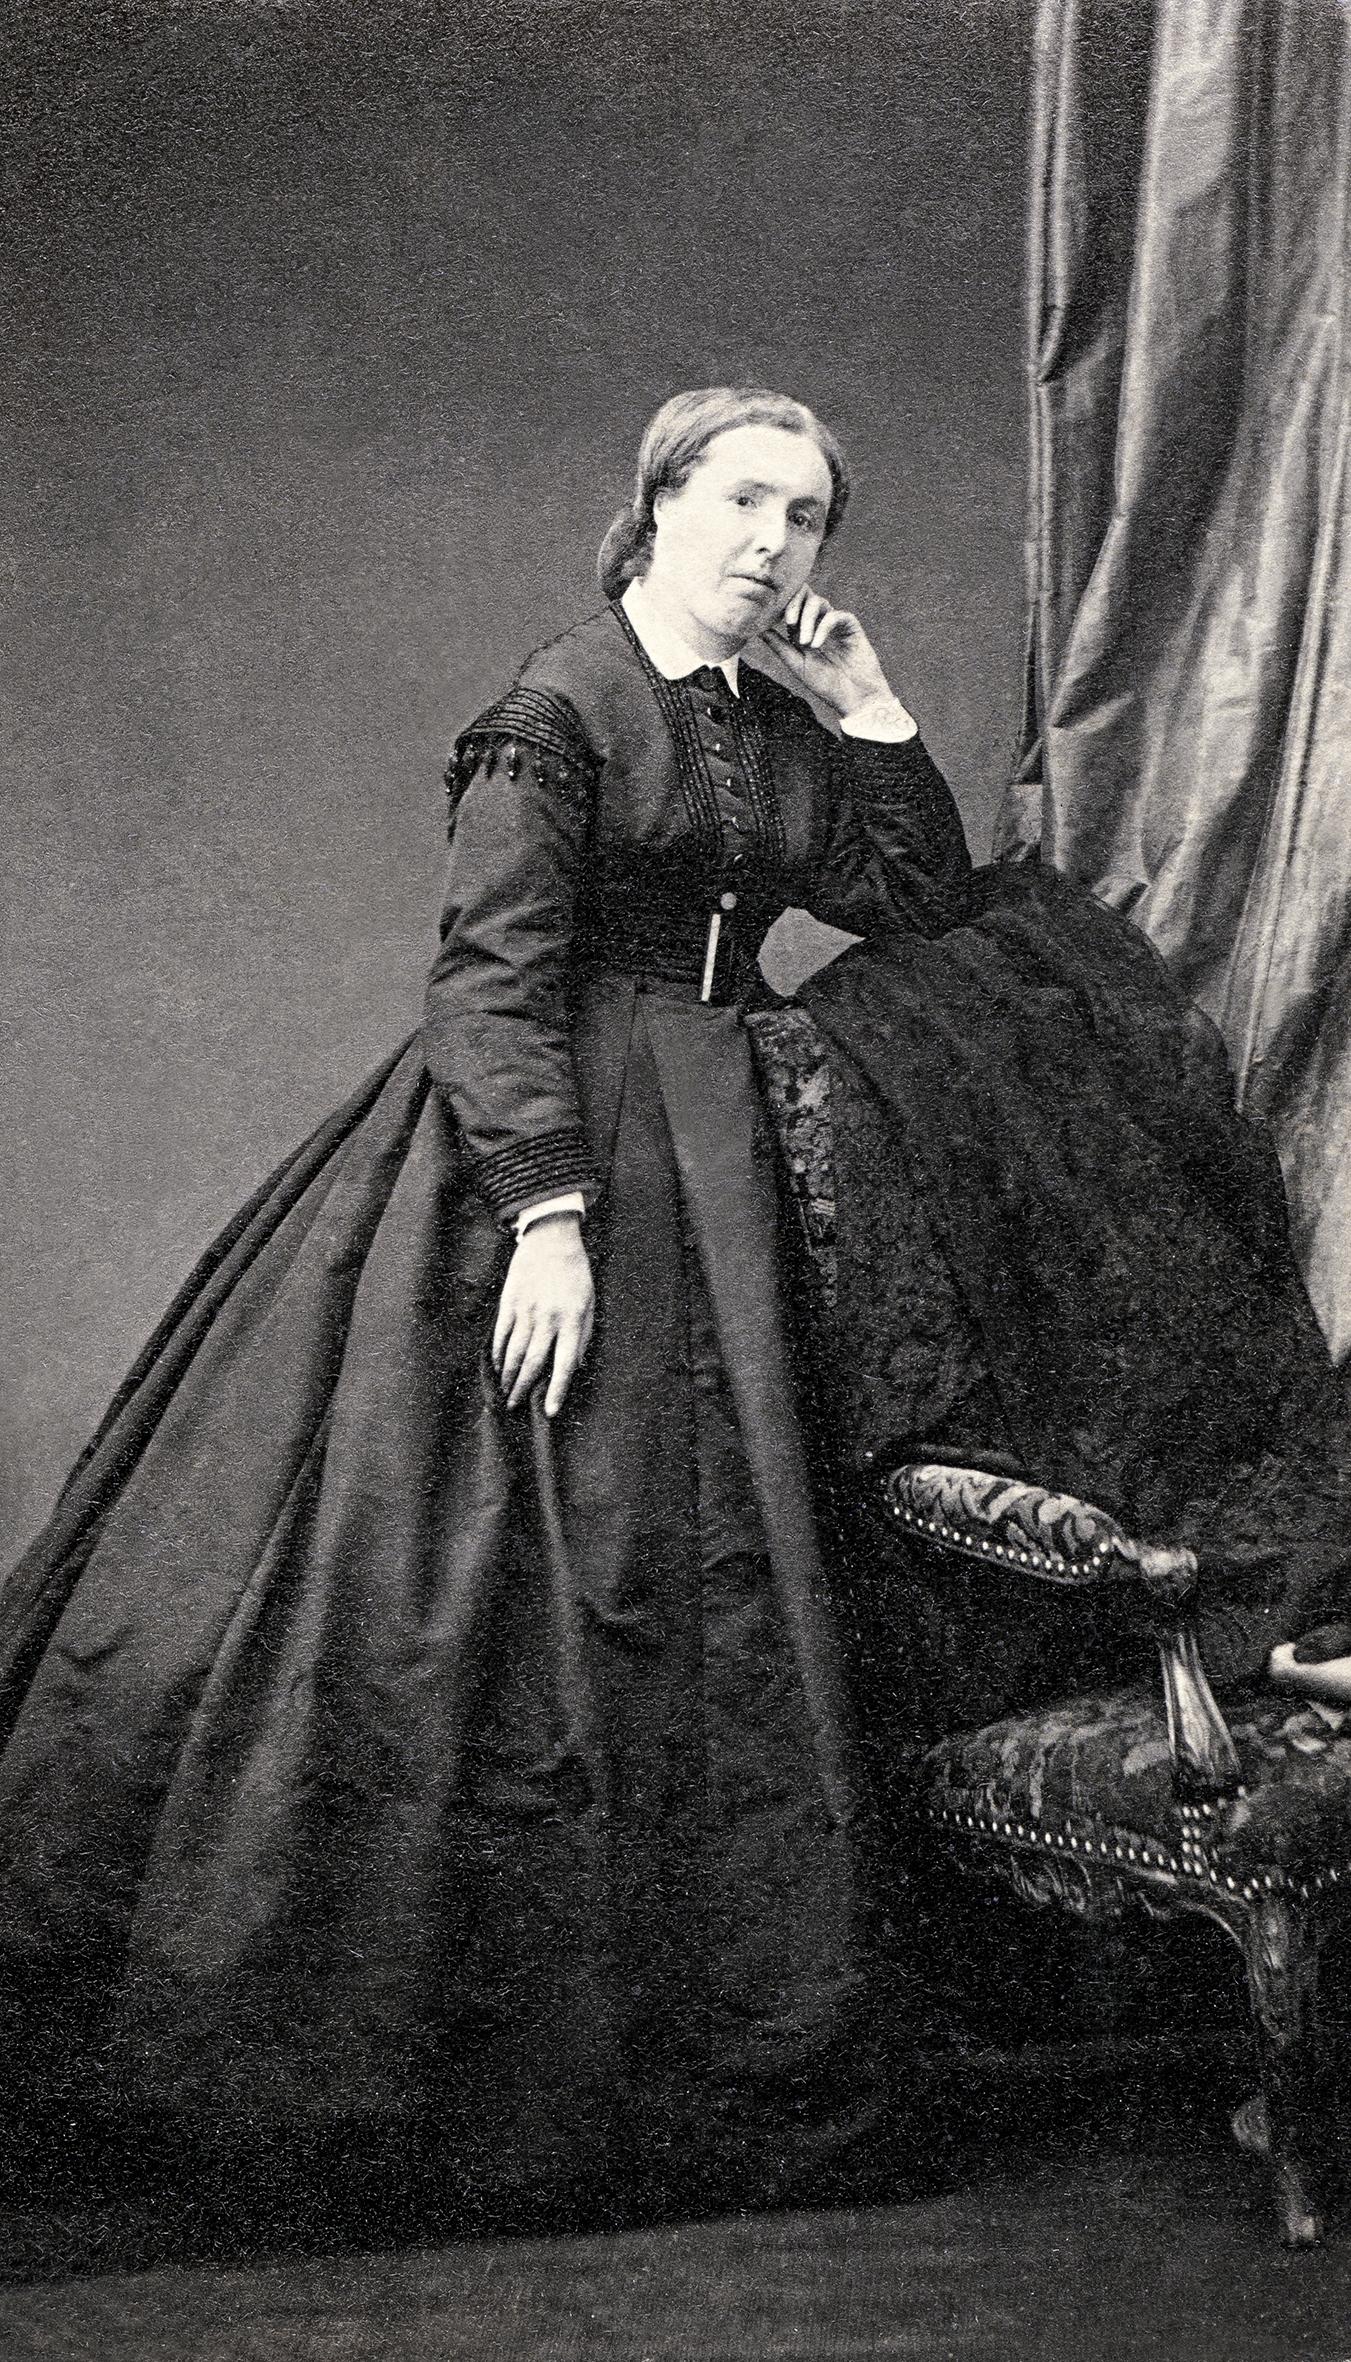 Céleste DAUFRESNE, épouse de Martial Caillebotte, père, Photo Petit Paris